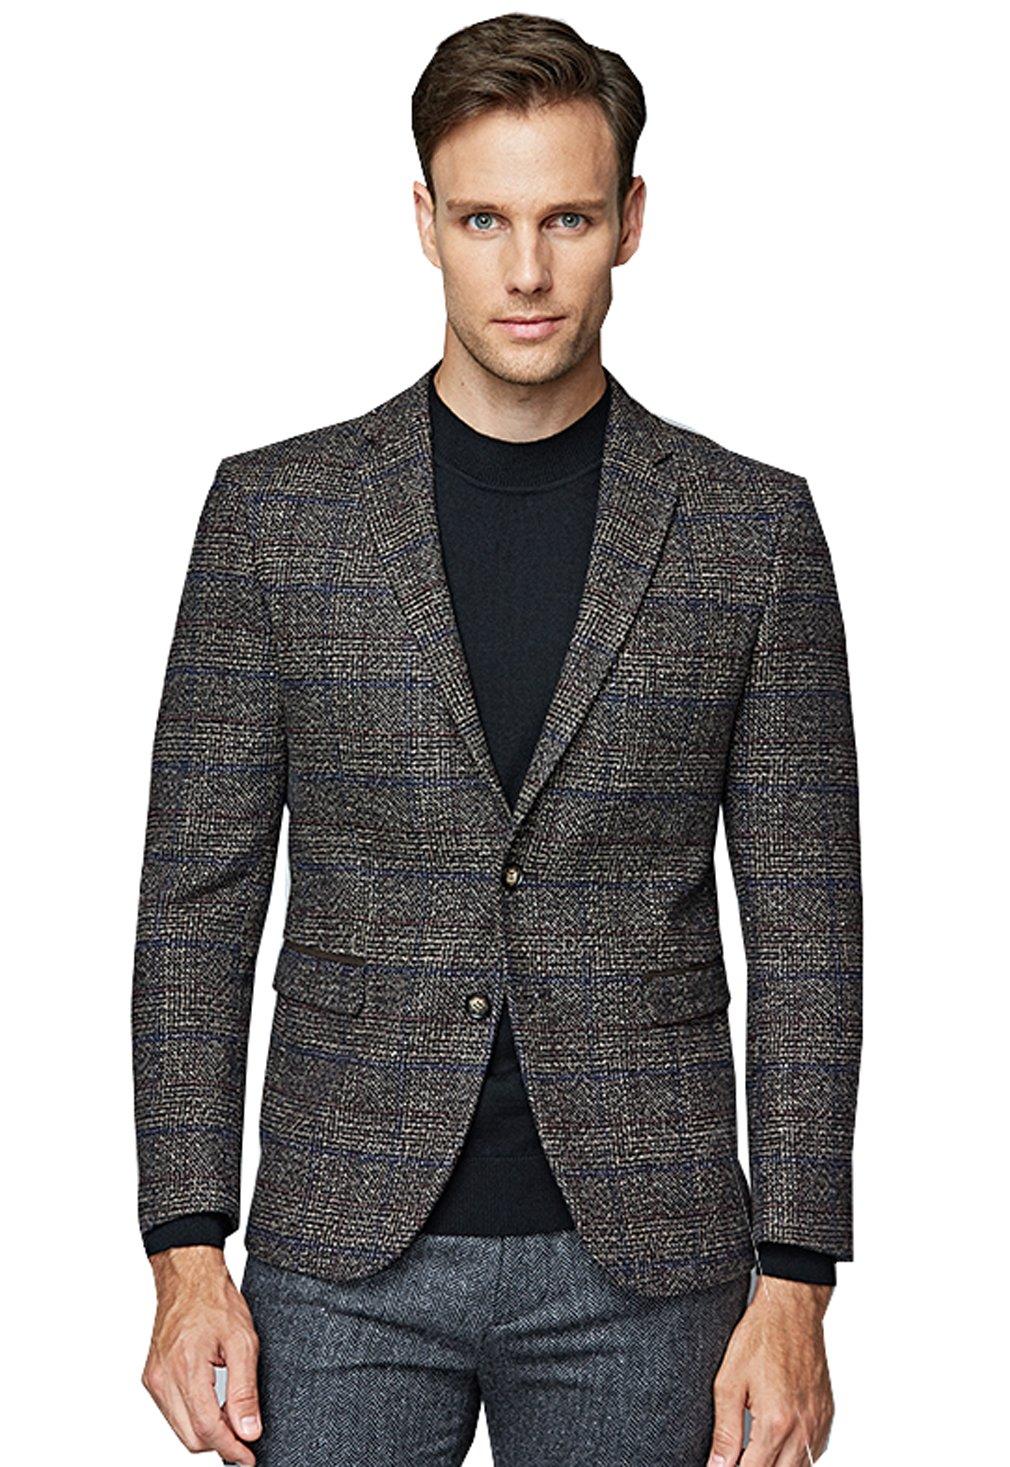 UNbox Mens Dress Casual Business Suit Two Button Slim Fit Suit Khaki XL by UNbox (Image #1)